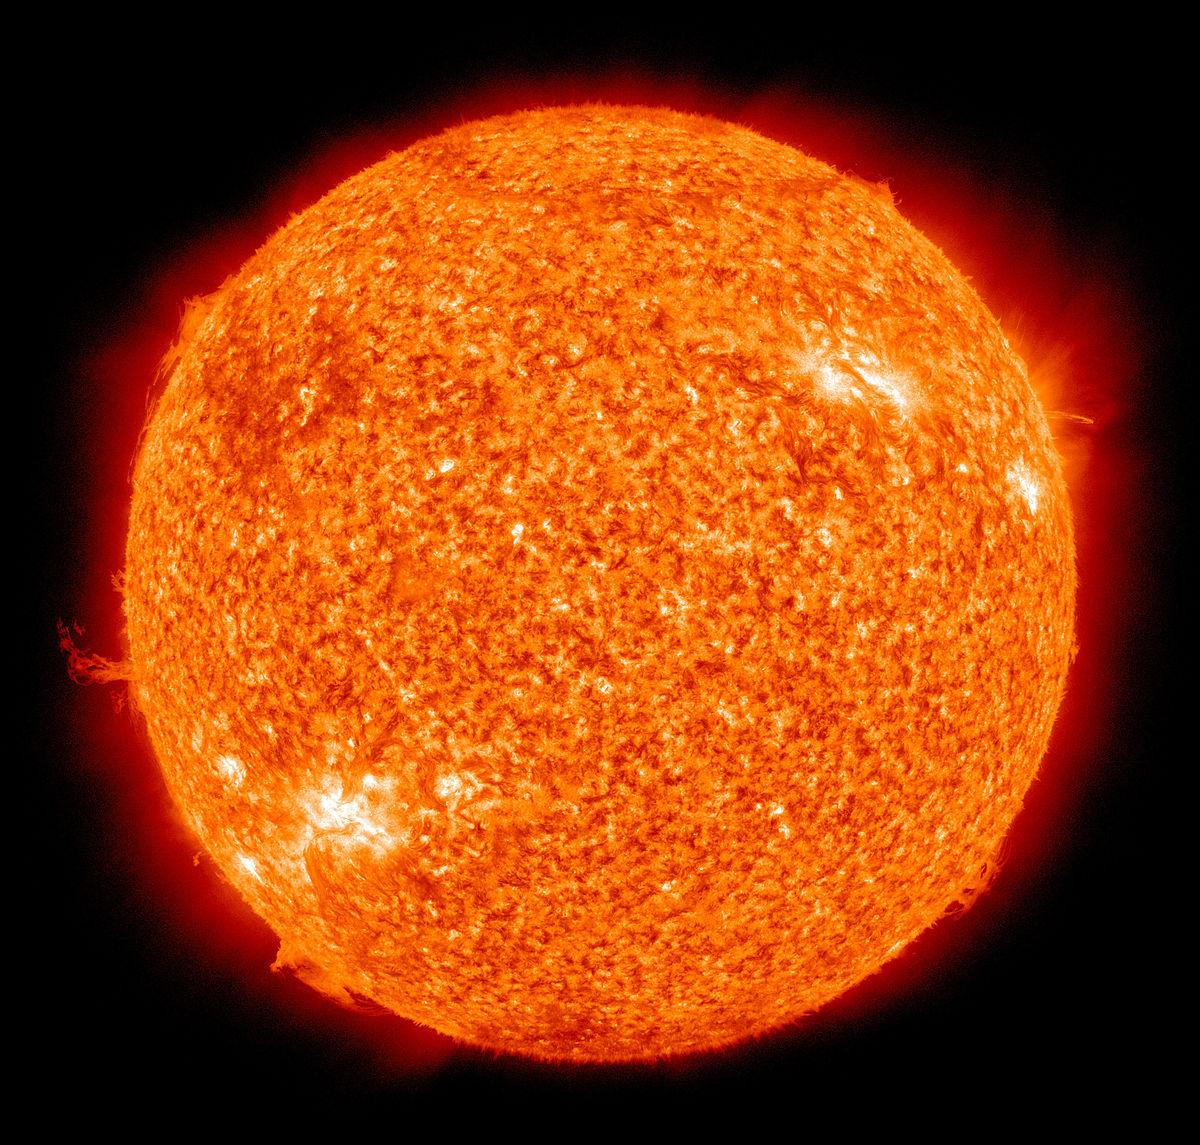 جدیدترین تصویر از خورشید